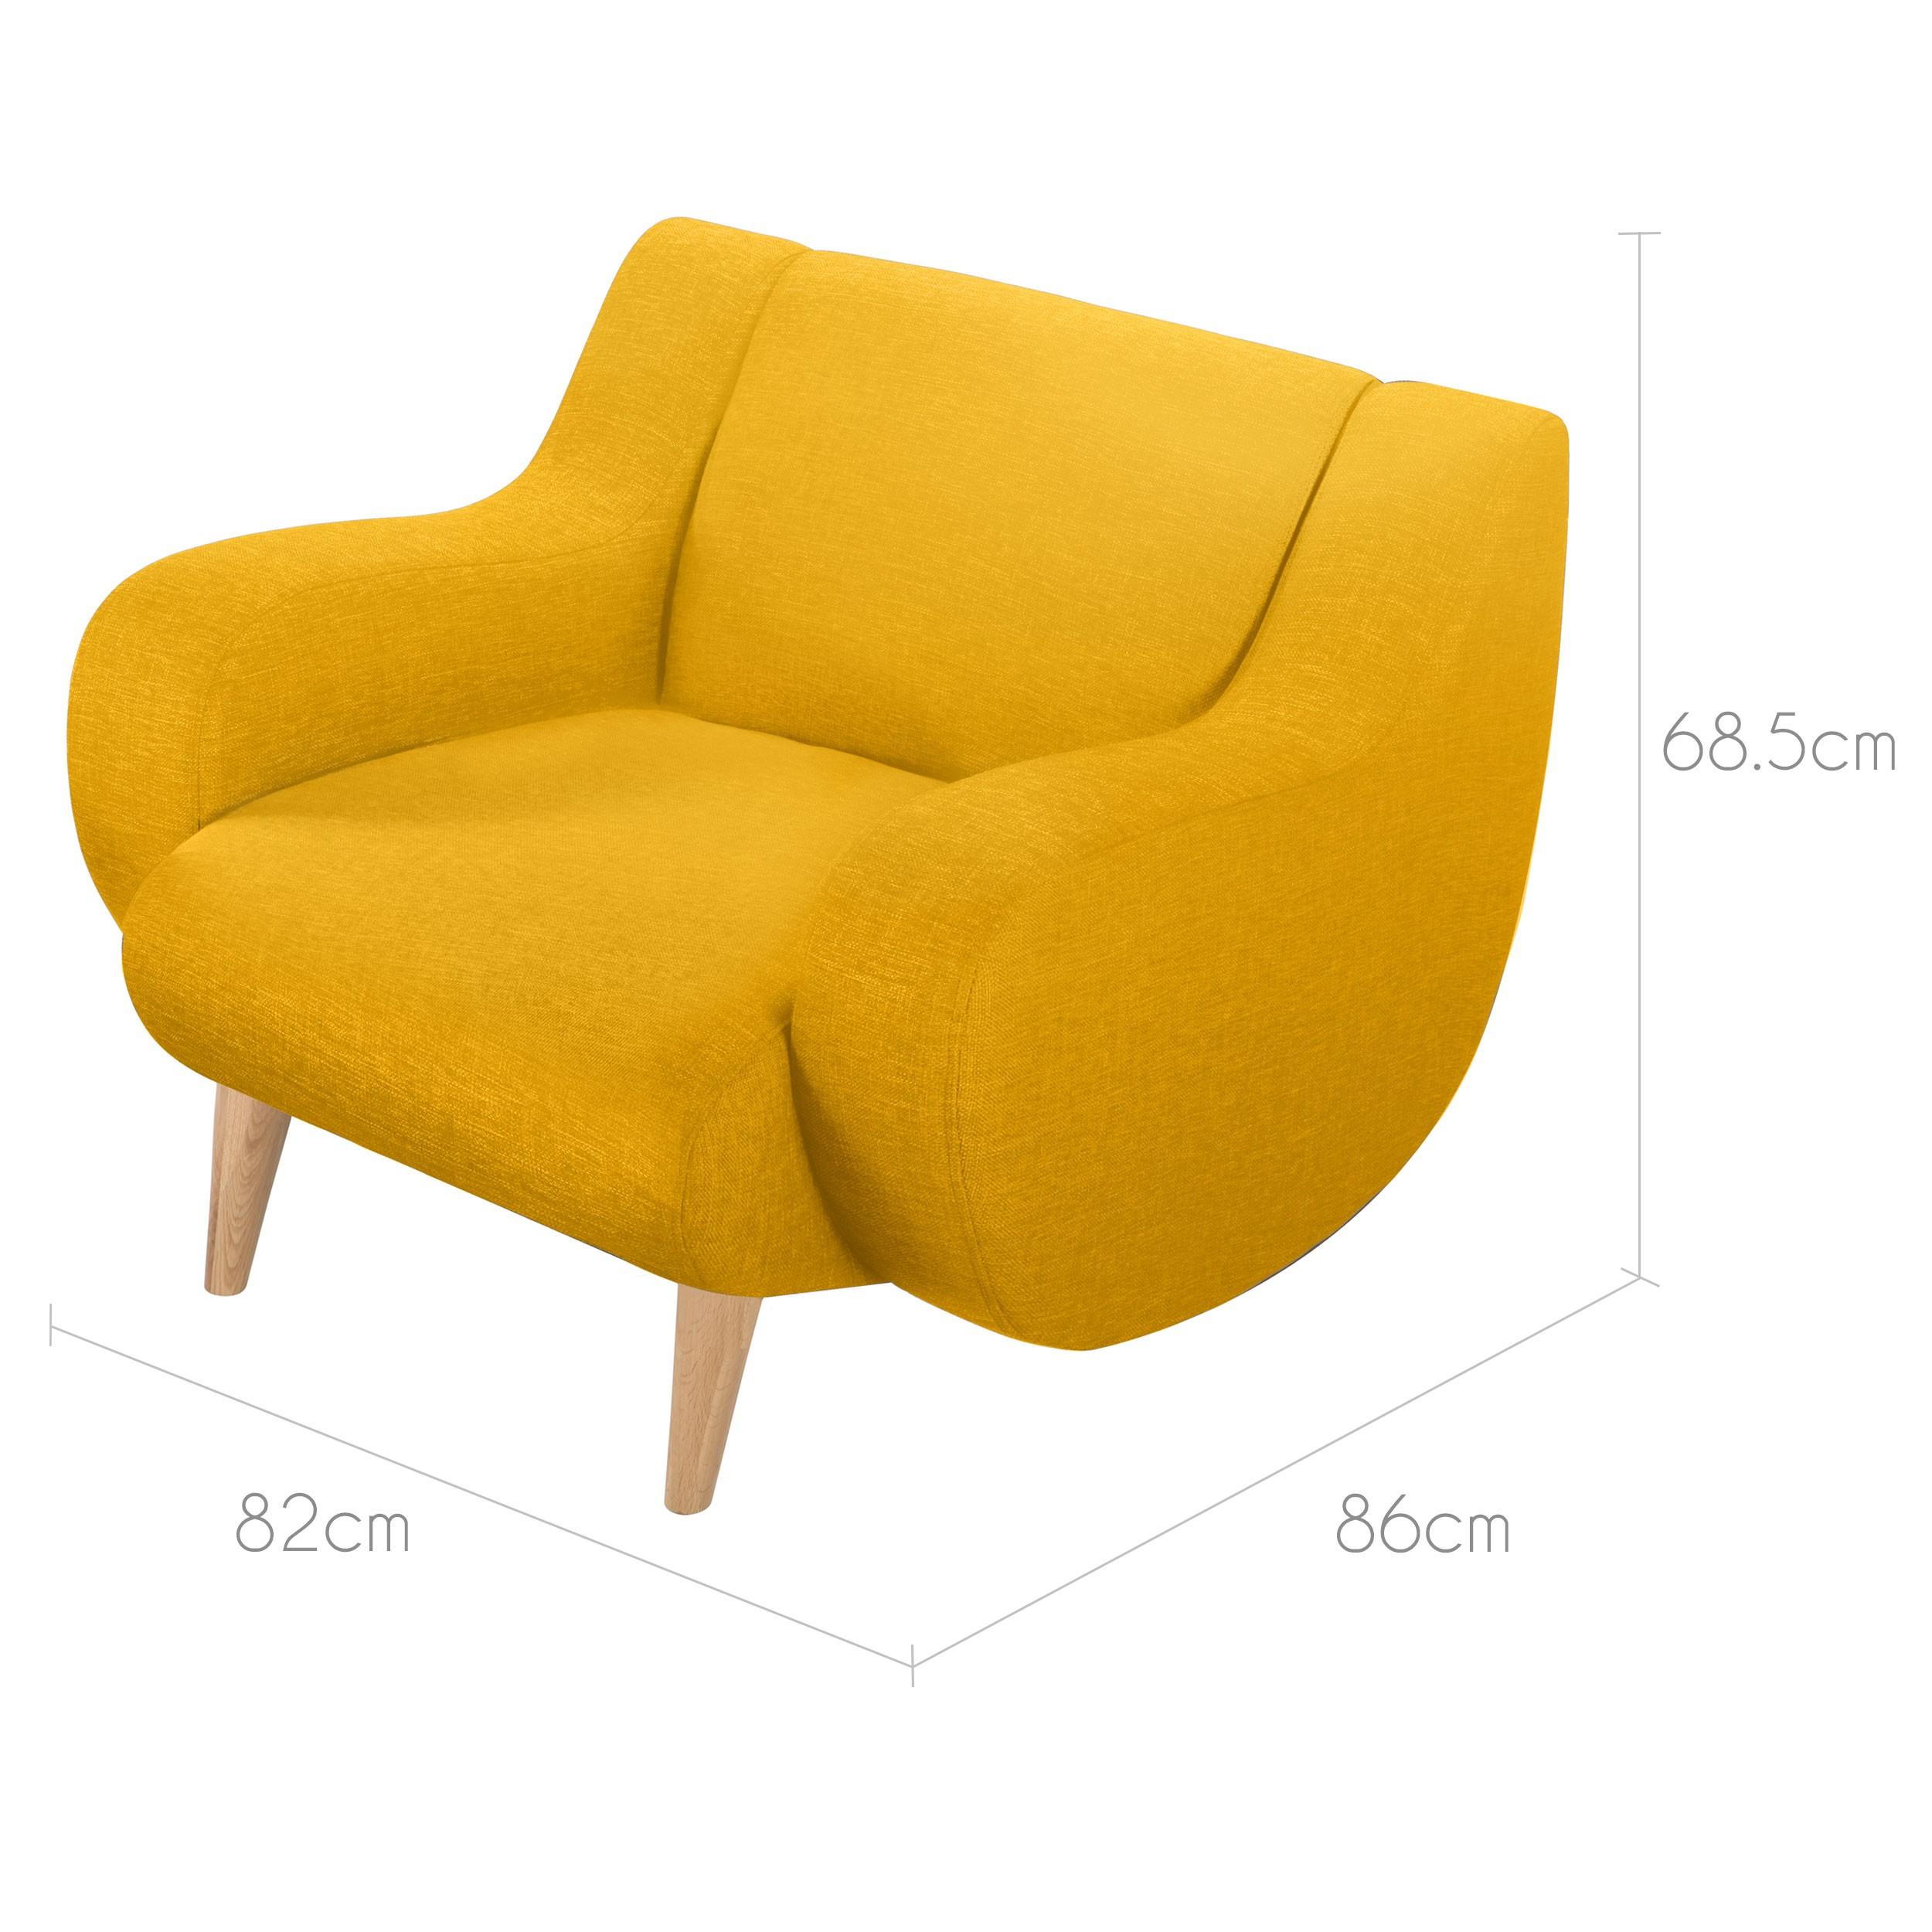 Fauteuil Stockholm jaune : installez nos fauteuils Stockholm jaunes ...